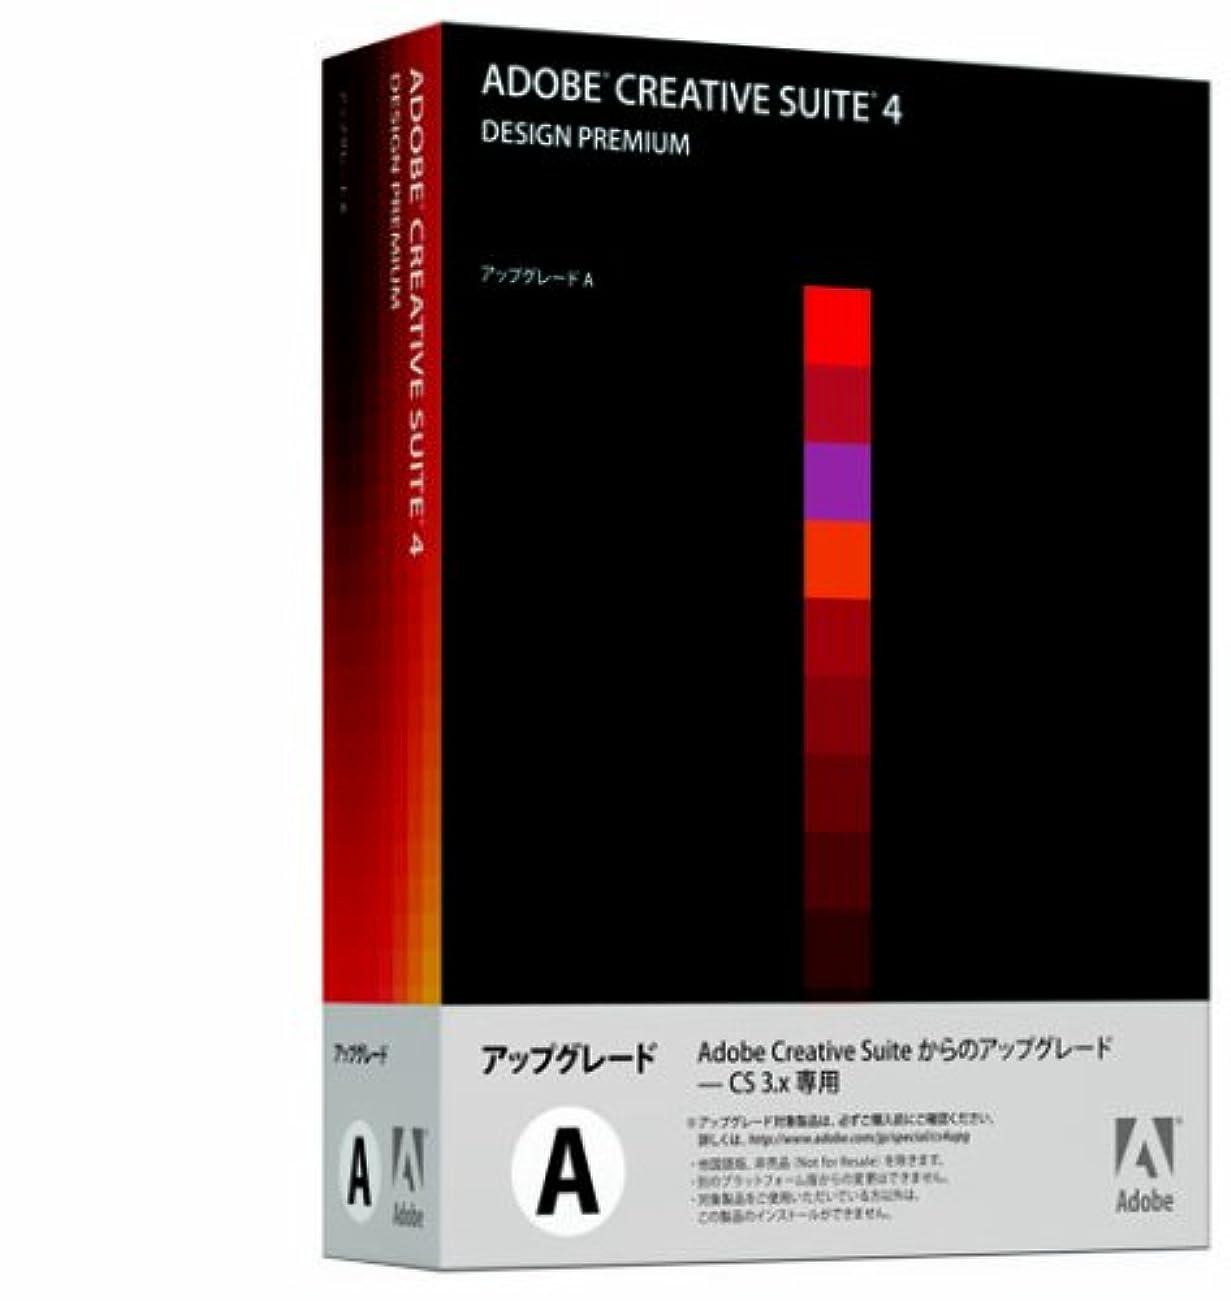 フォーカス二十超音速Adobe Creative Suite 4 Design Premium 日本語版 アップグレード版A (FROM CS3/3.3) Windows版 (旧製品)